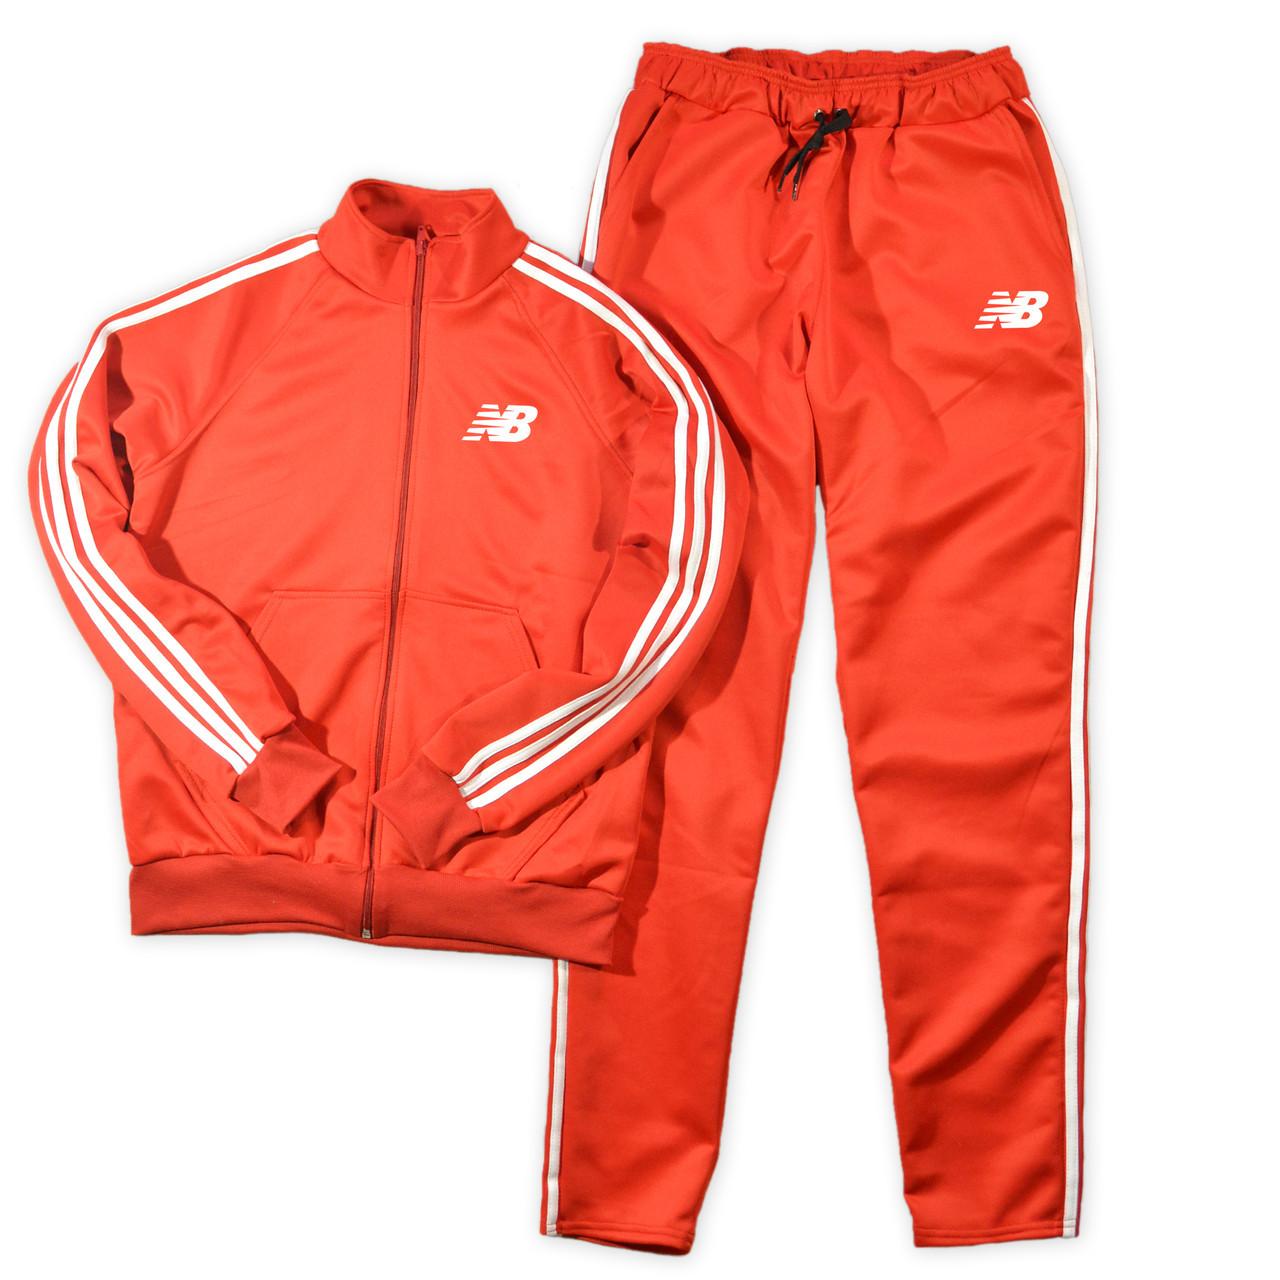 Красный мужской спортивный костюм New Balance с лампасами (Нью Беленс)